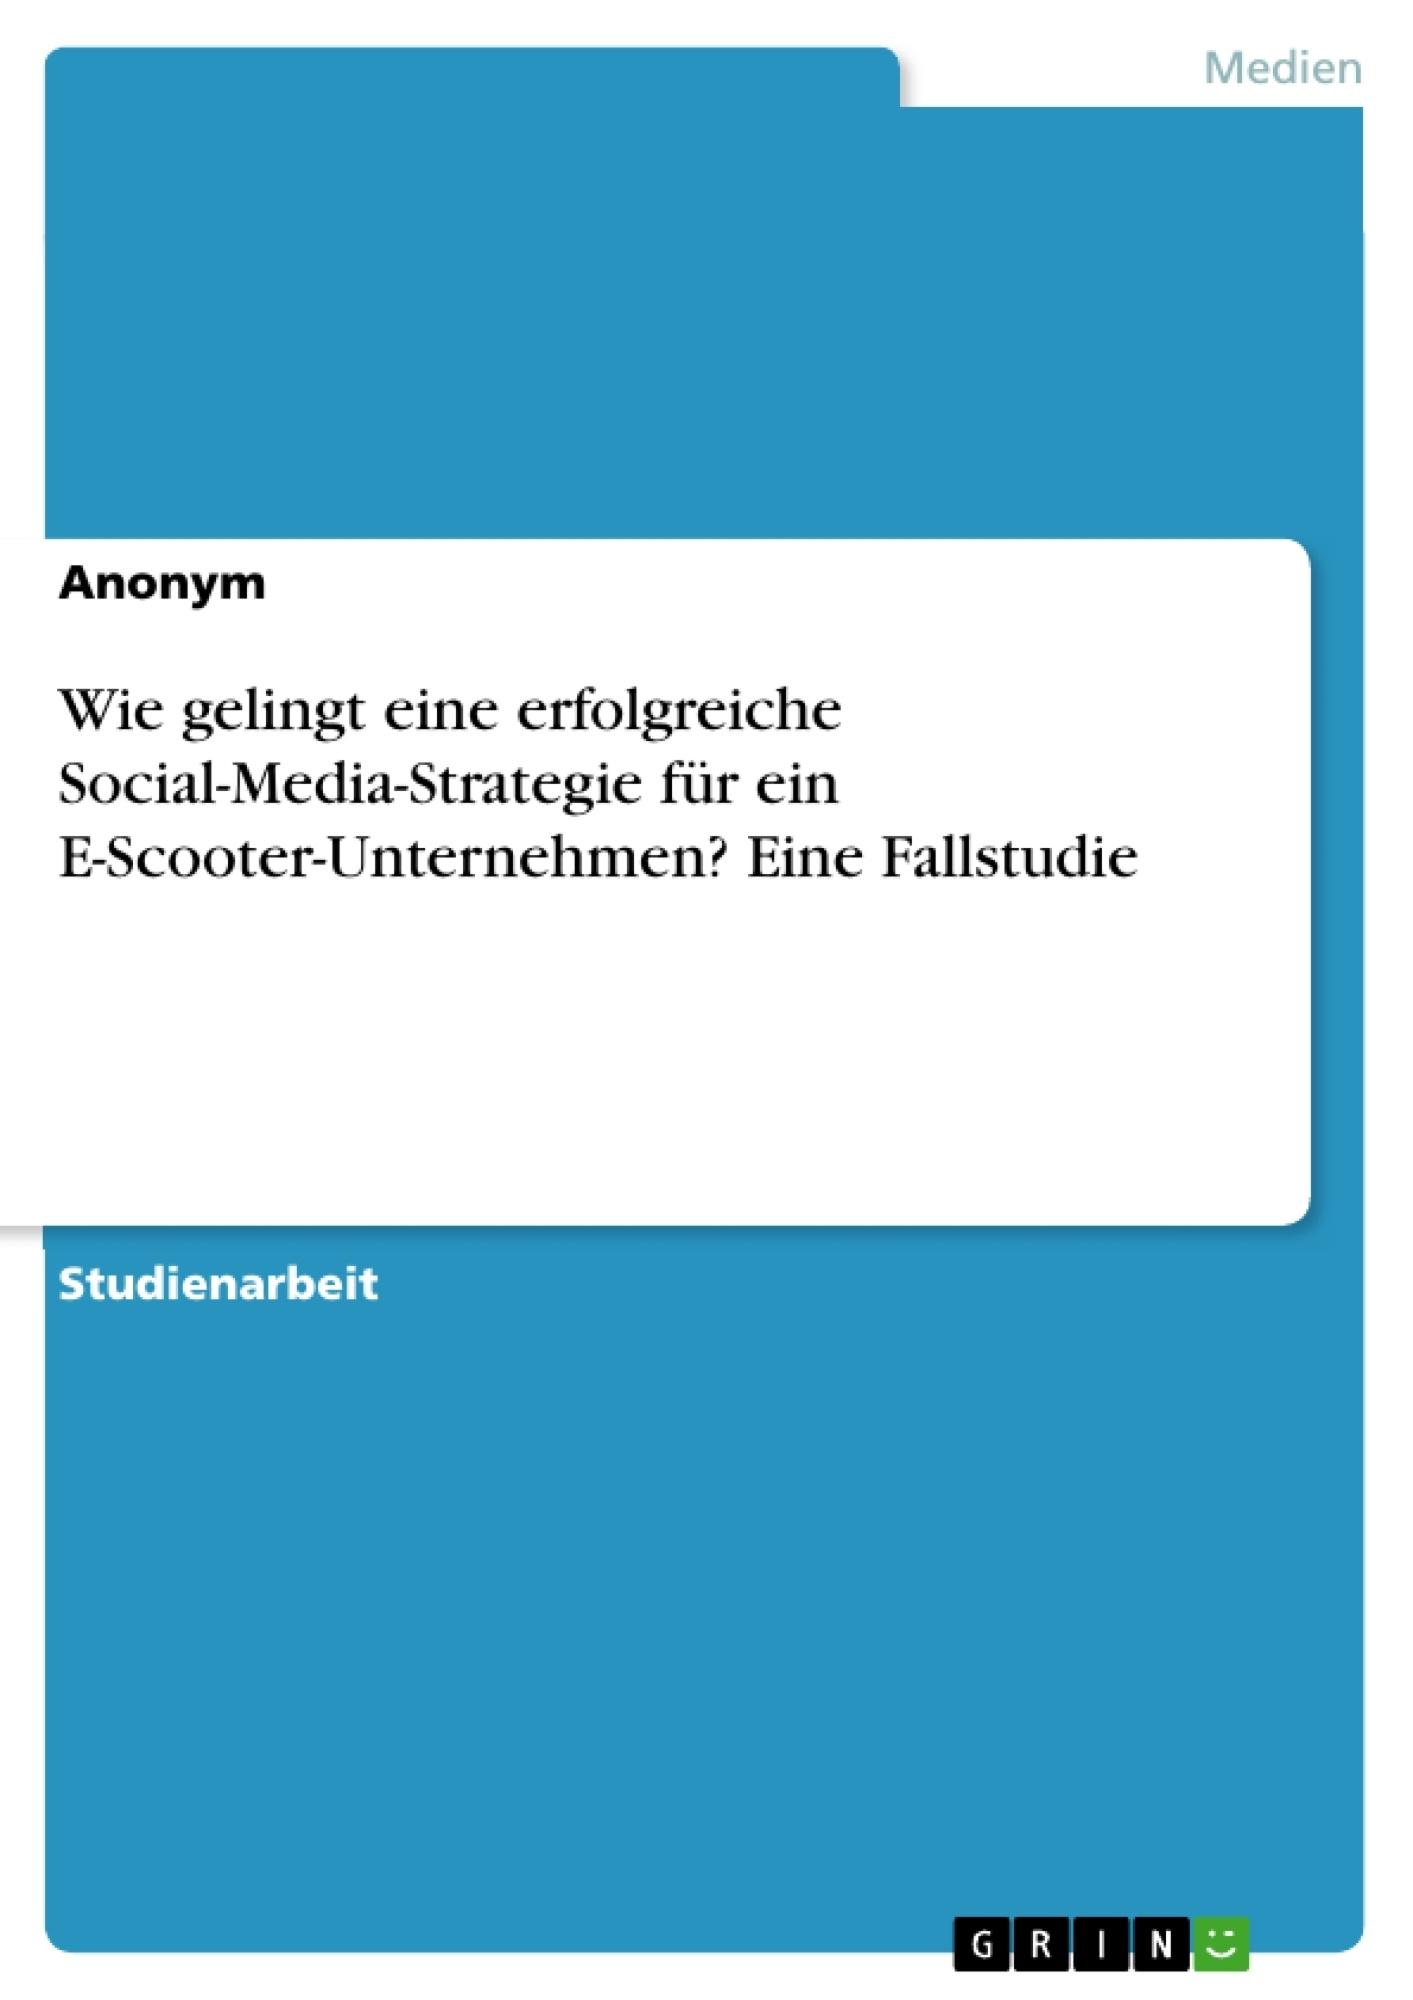 Titel: Wie gelingt eine erfolgreiche Social-Media-Strategie für ein E-Scooter-Unternehmen? Eine Fallstudie